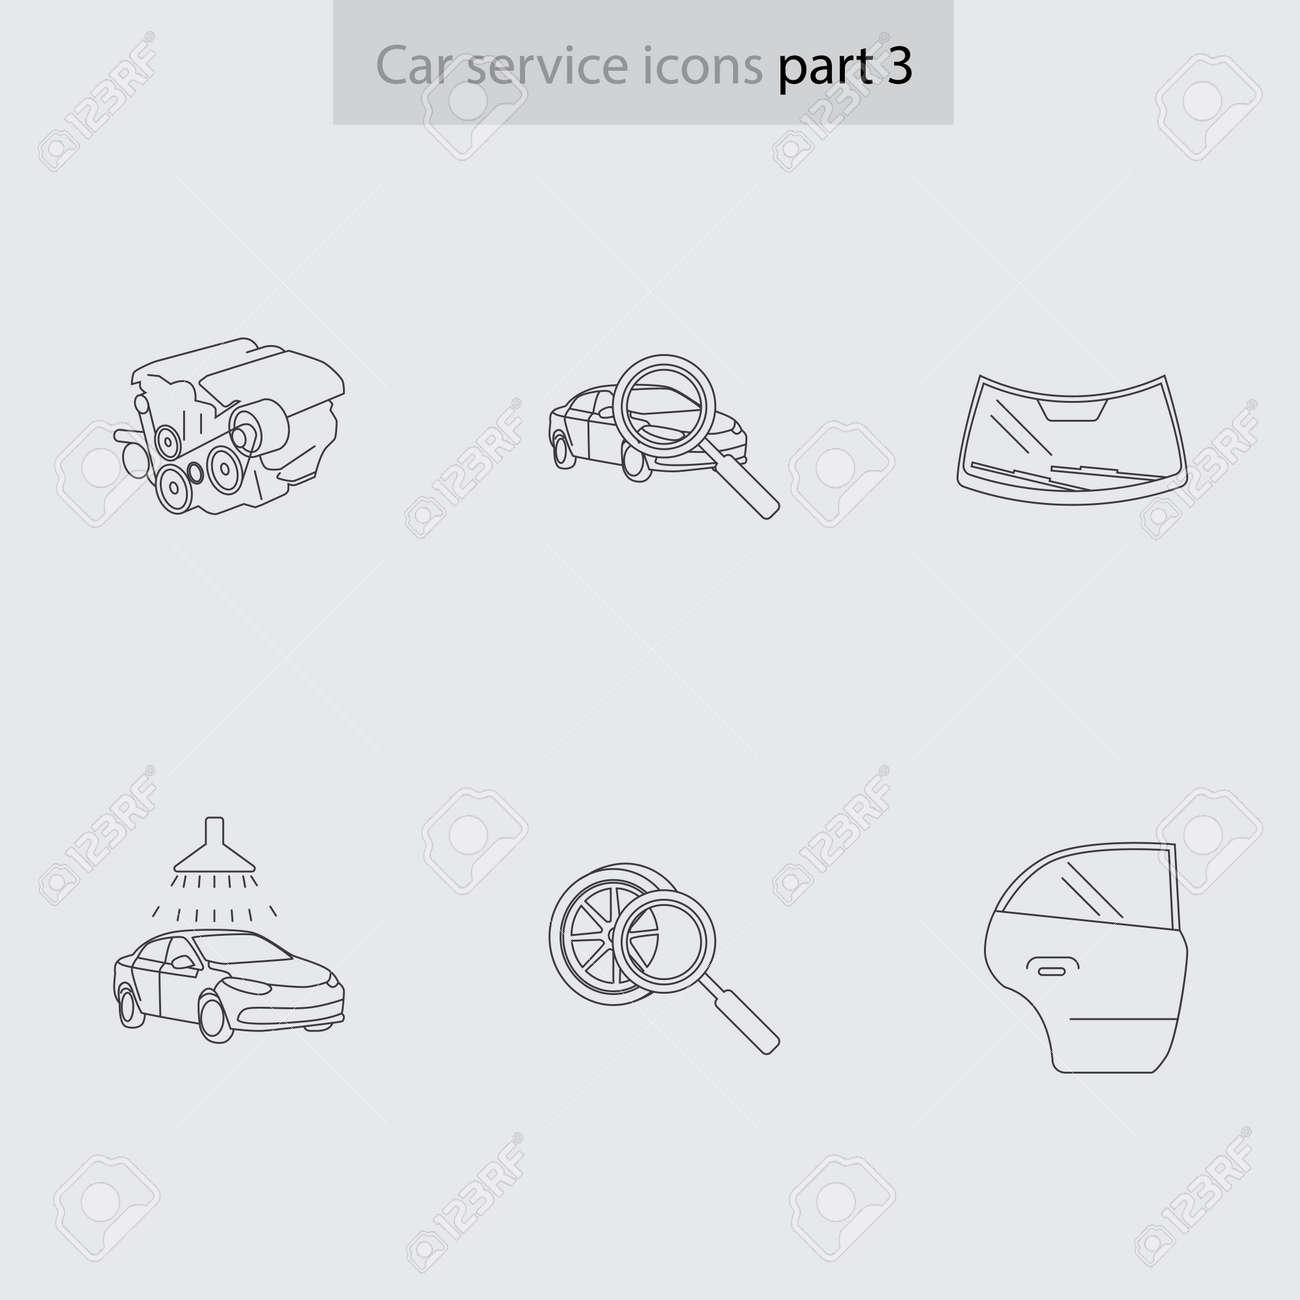 Moderne Lineare Grafiken Für Auto Der Technischen Wartung. Gut Für ...